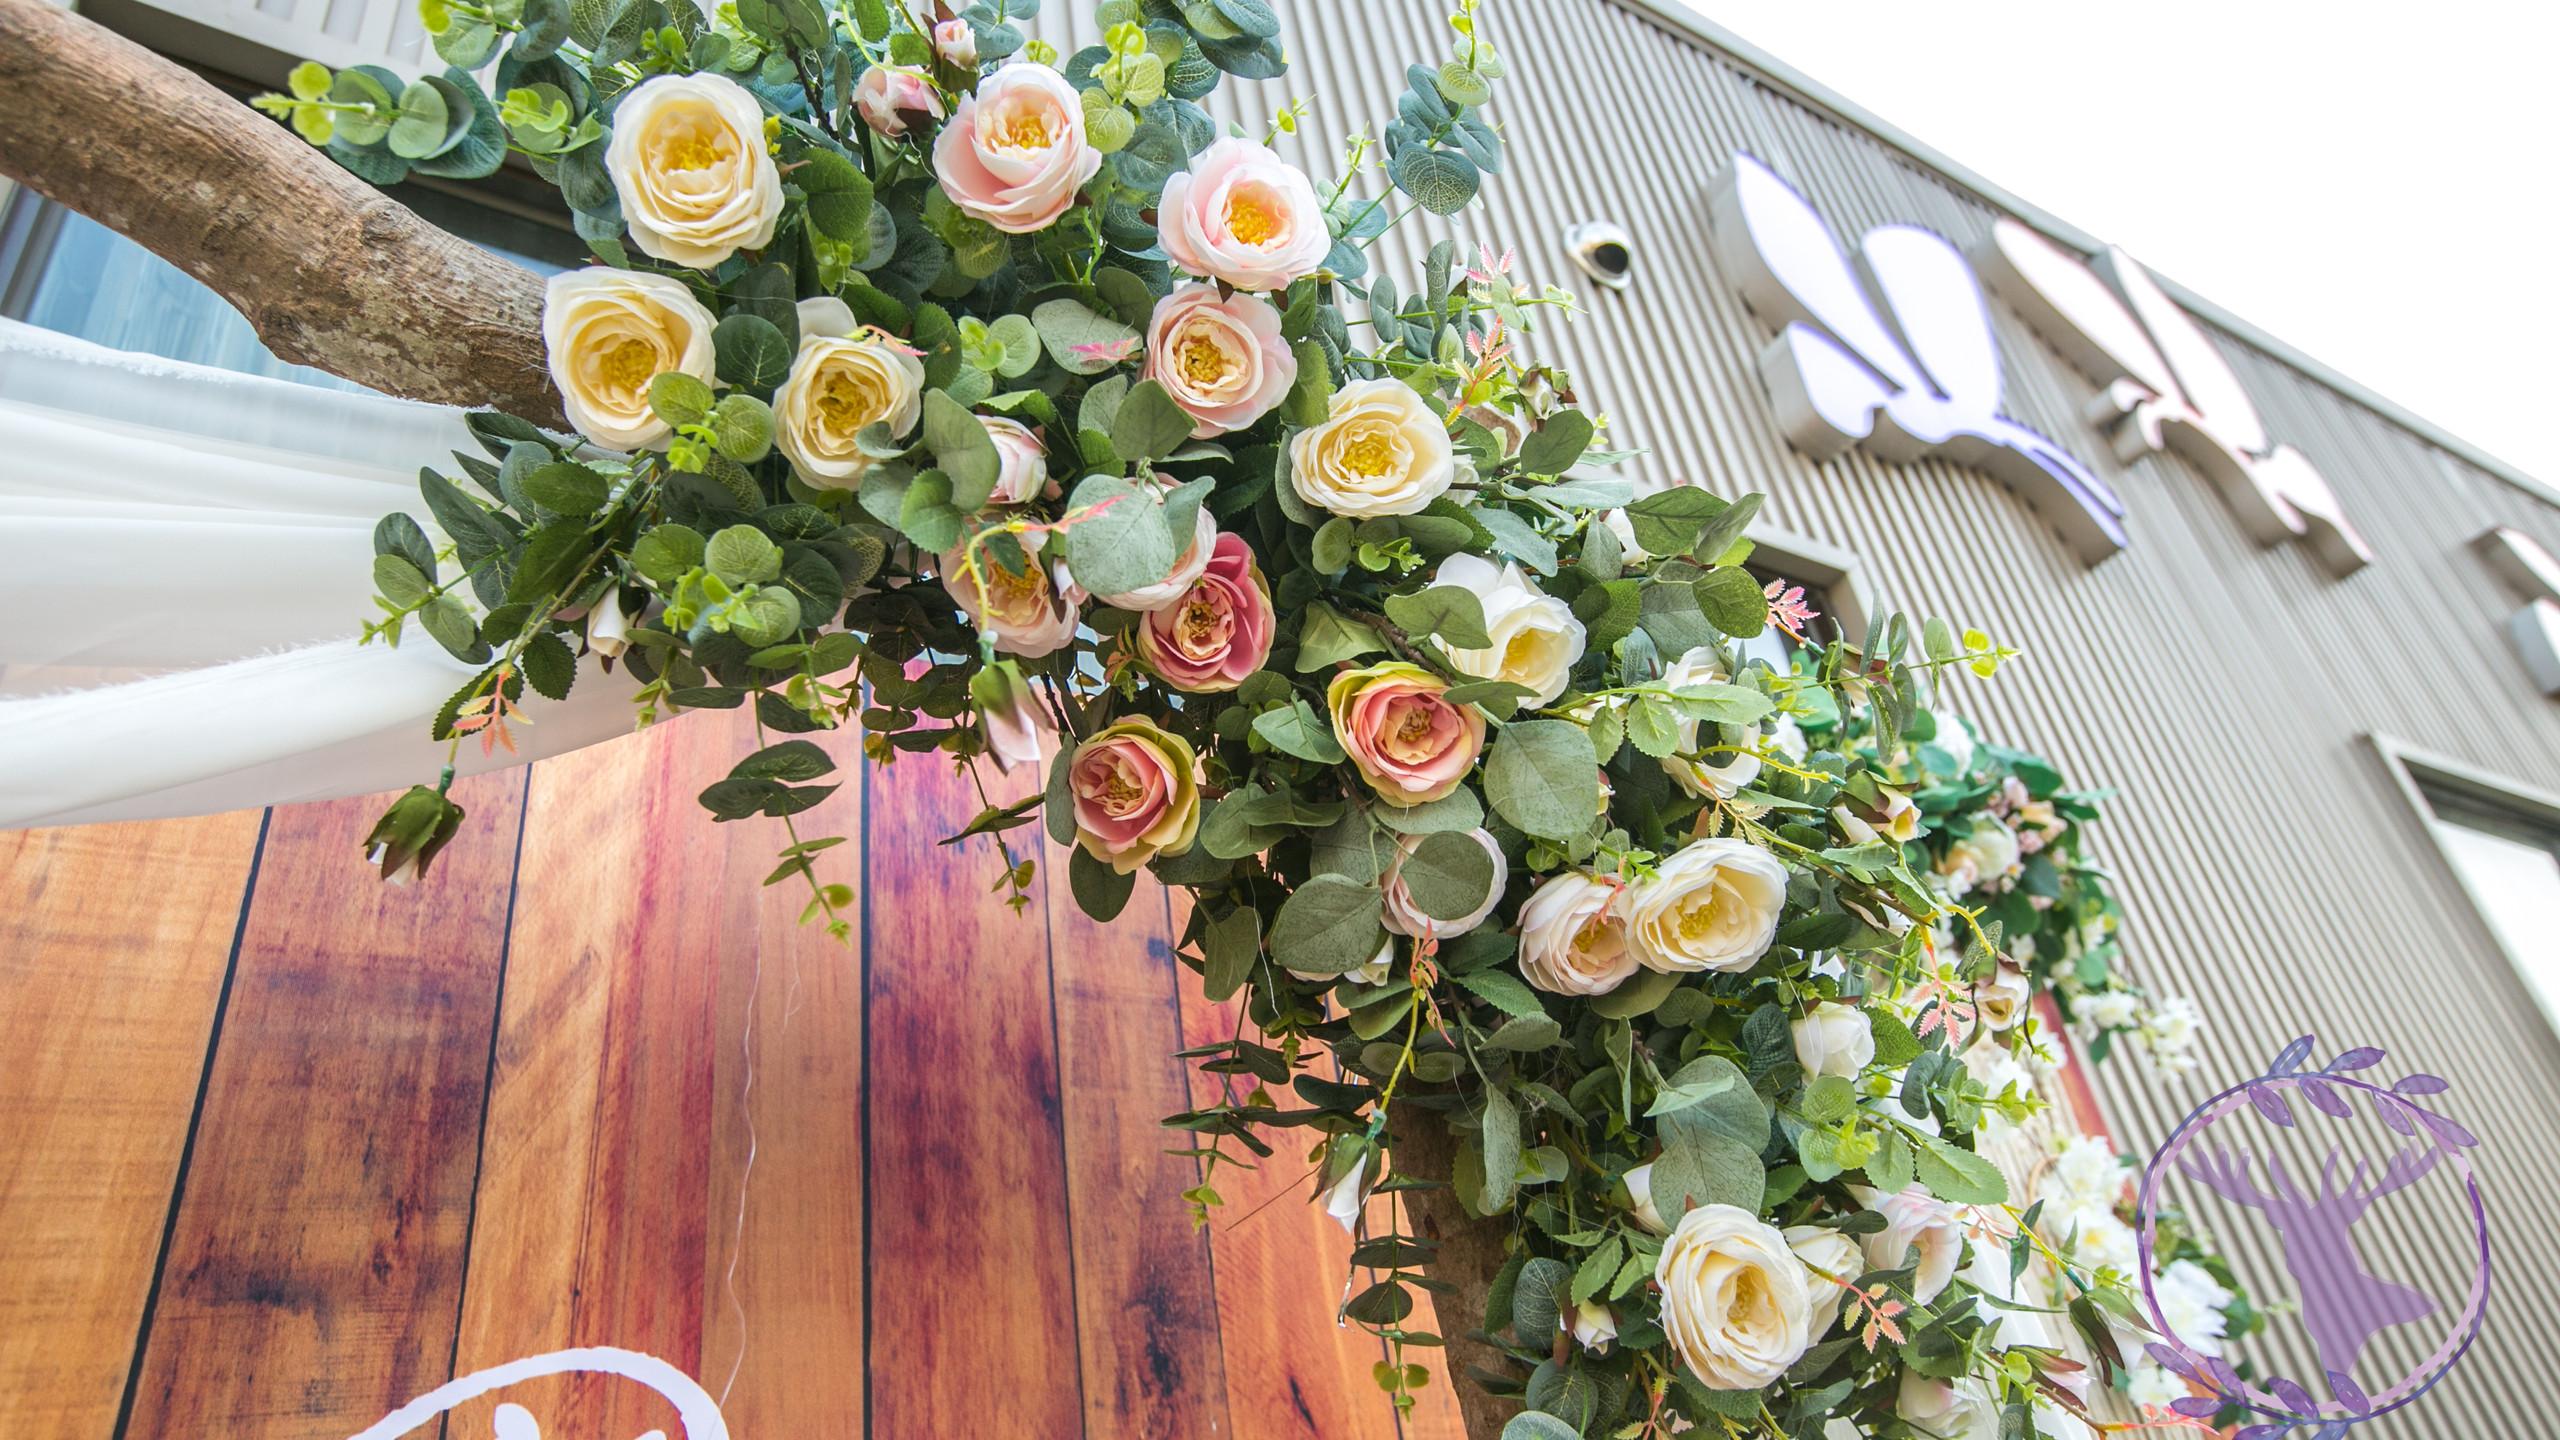 麋鹿小姐婚禮背板出租 婚禮背板租借 台北婚禮背板 桃園婚禮背板 新竹婚禮背板